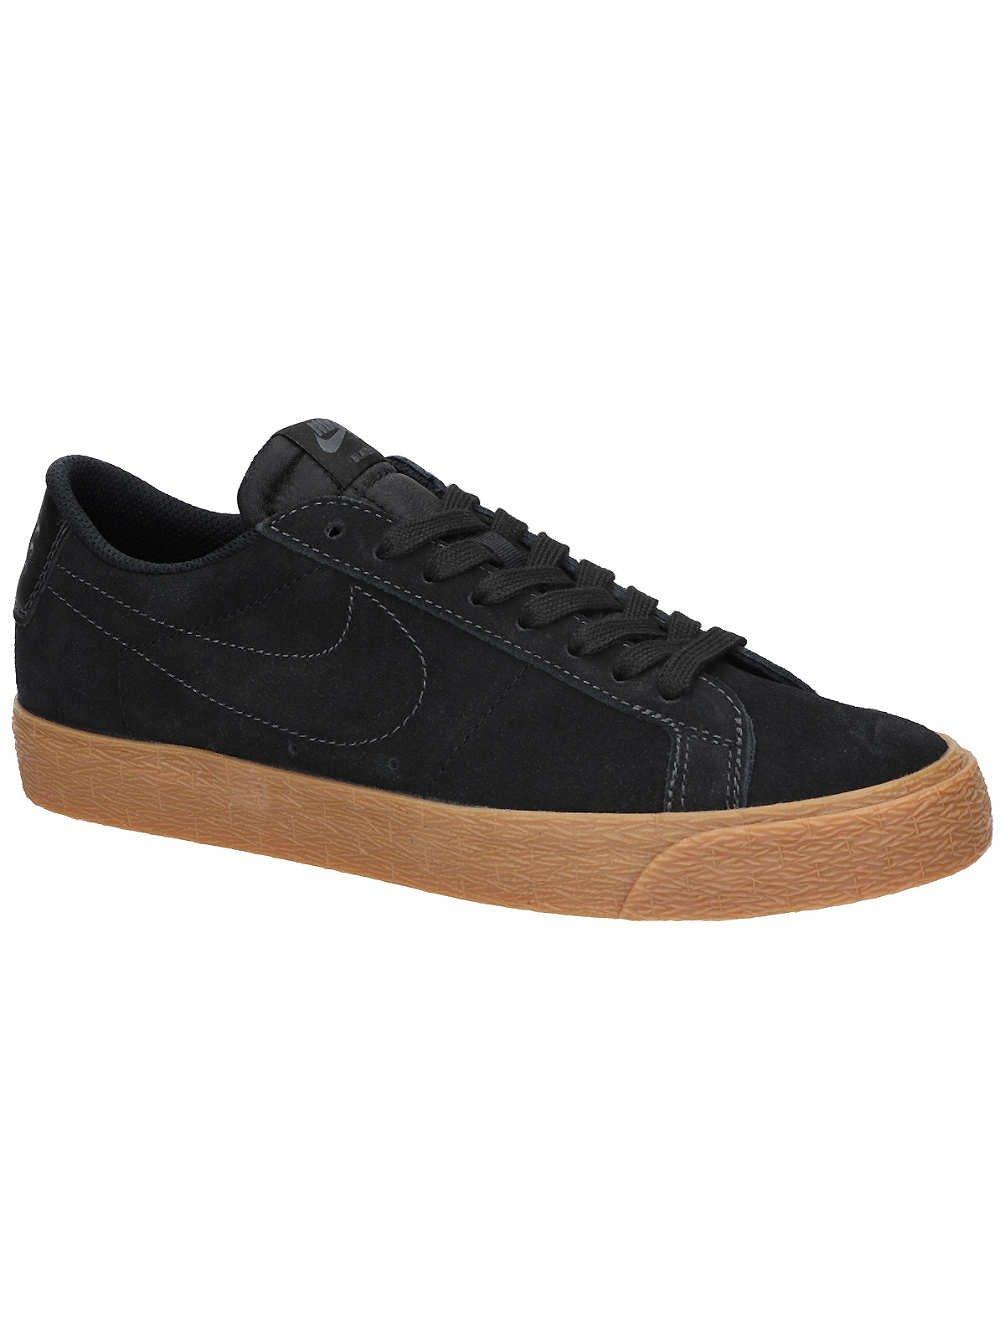 NIKE Men's SB Zoom Blazer Low Black/Black Anthracite Skate Shoe 11.5 Men US